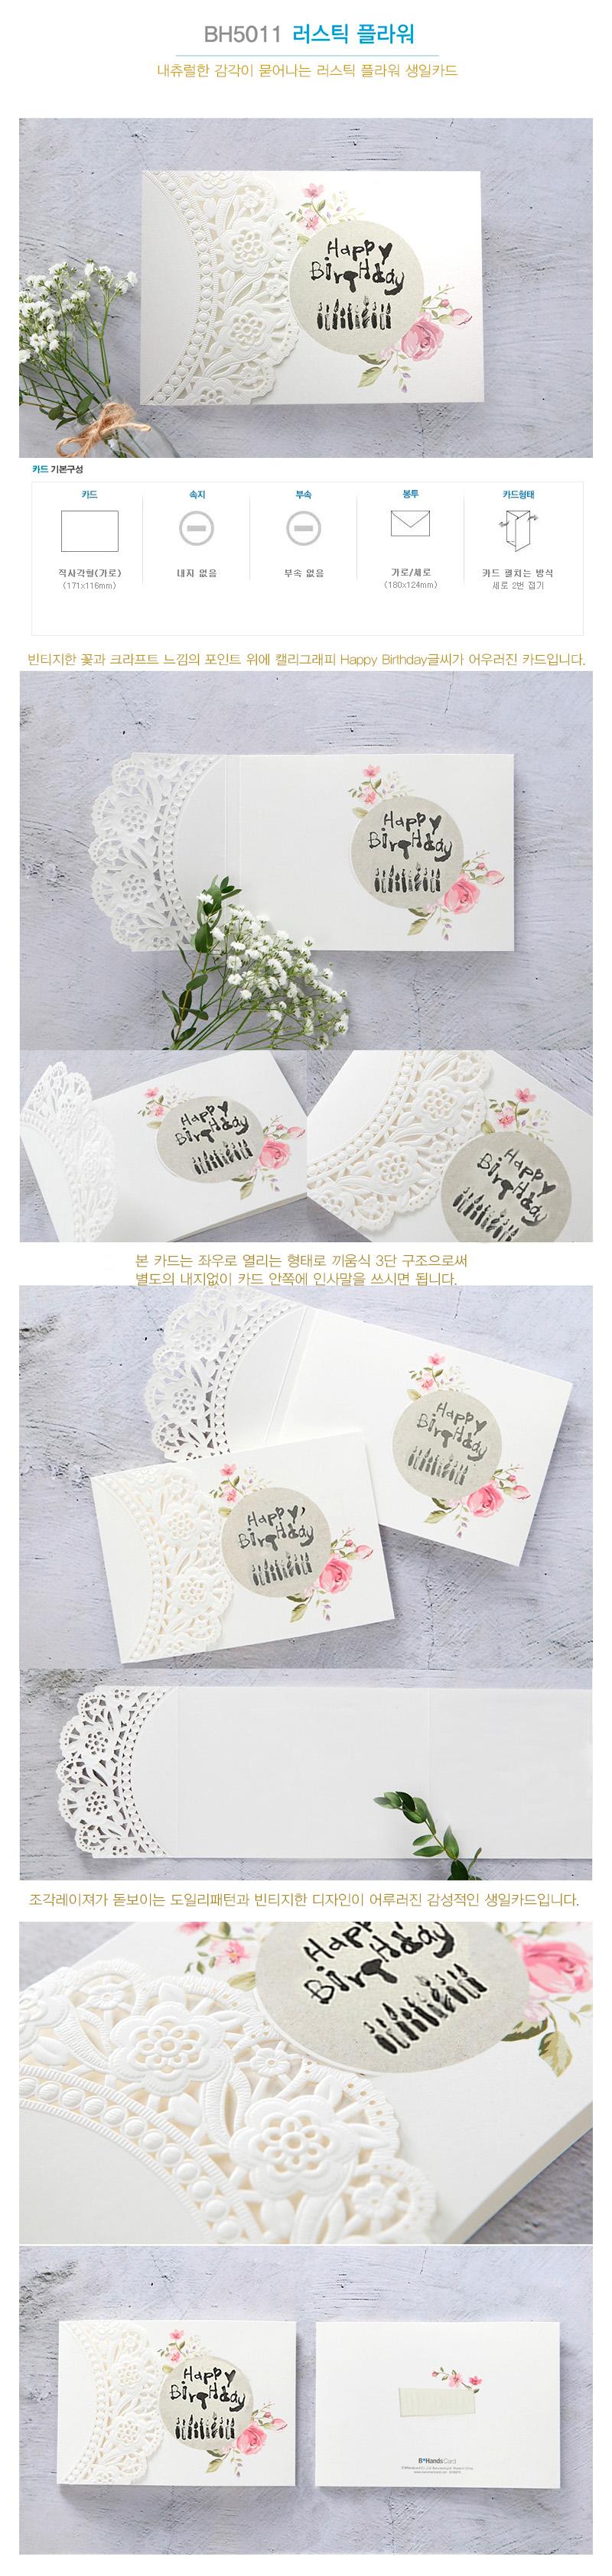 생일카드-러스틱 플라워 BH5011 - 상은랜드, 1,000원, 축하카드, 심플